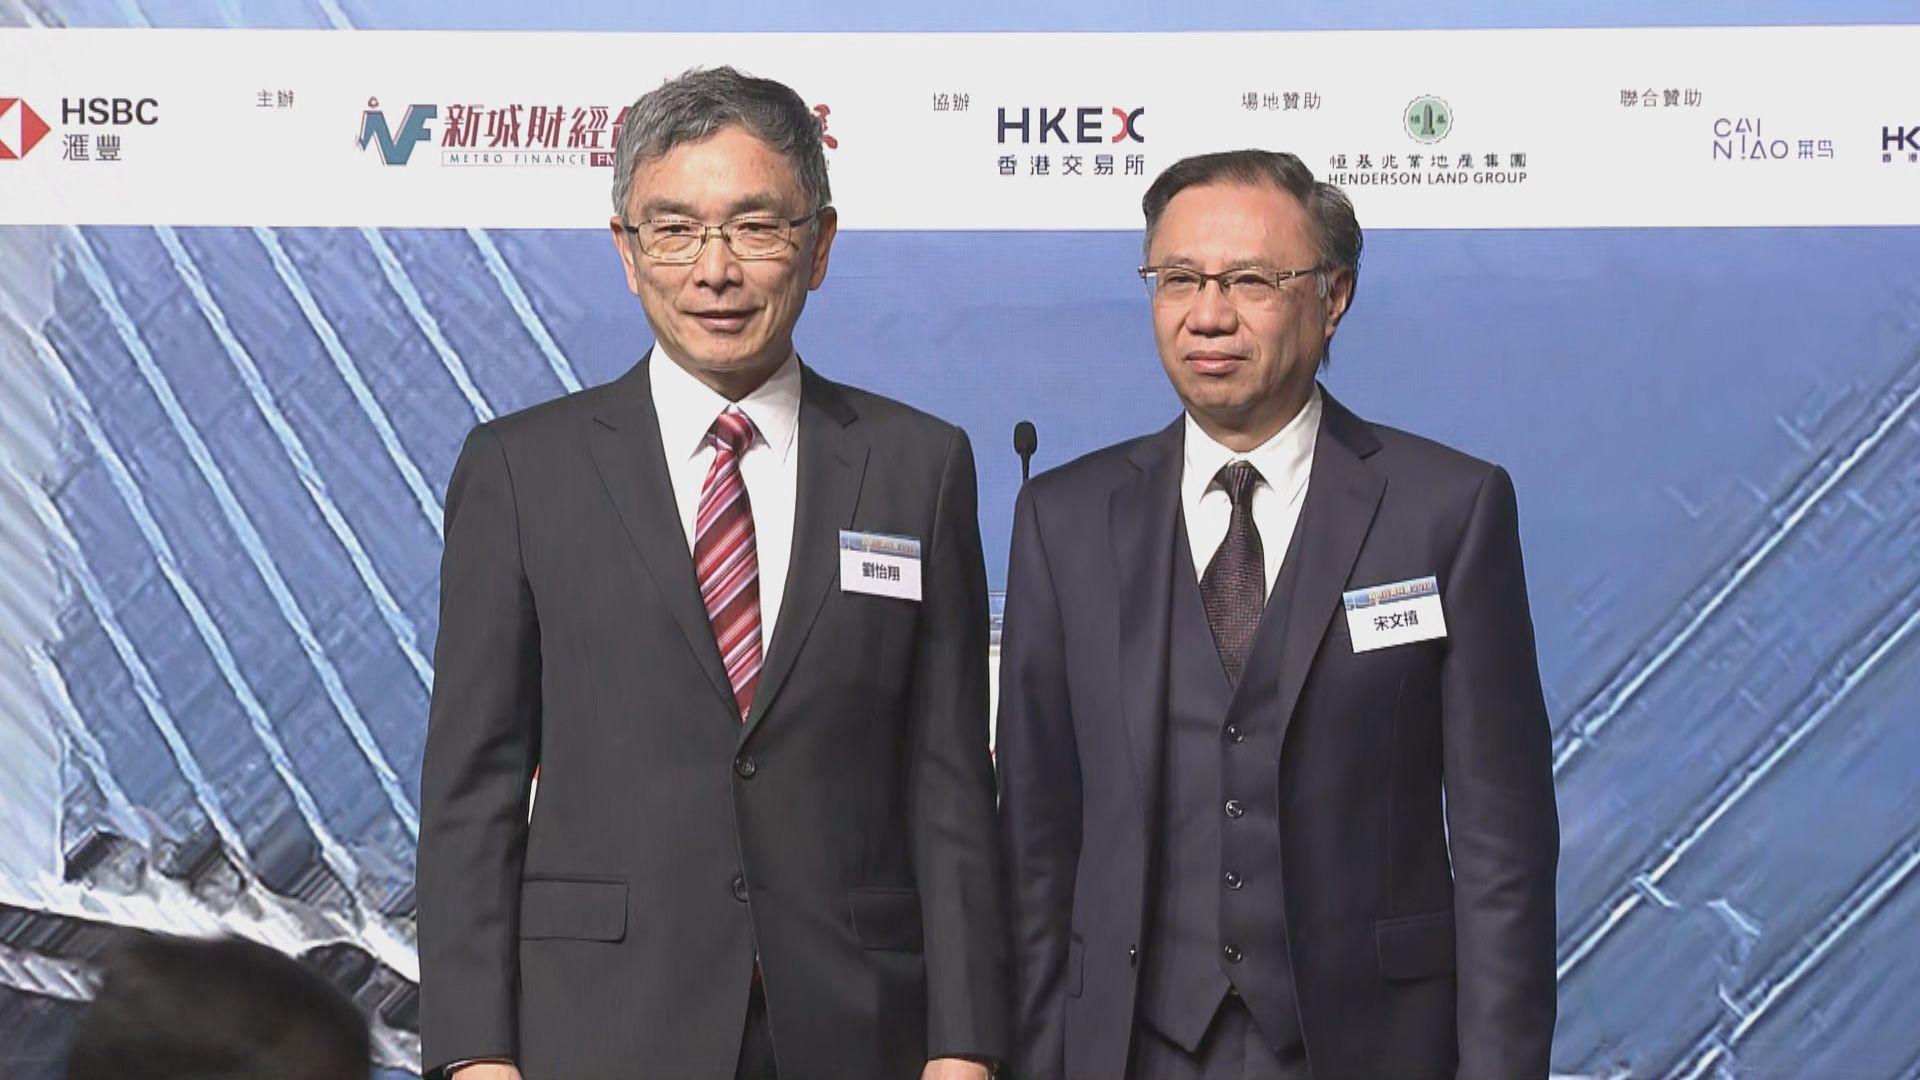 劉怡翔:美國需尊重香港獨立關稅區資格